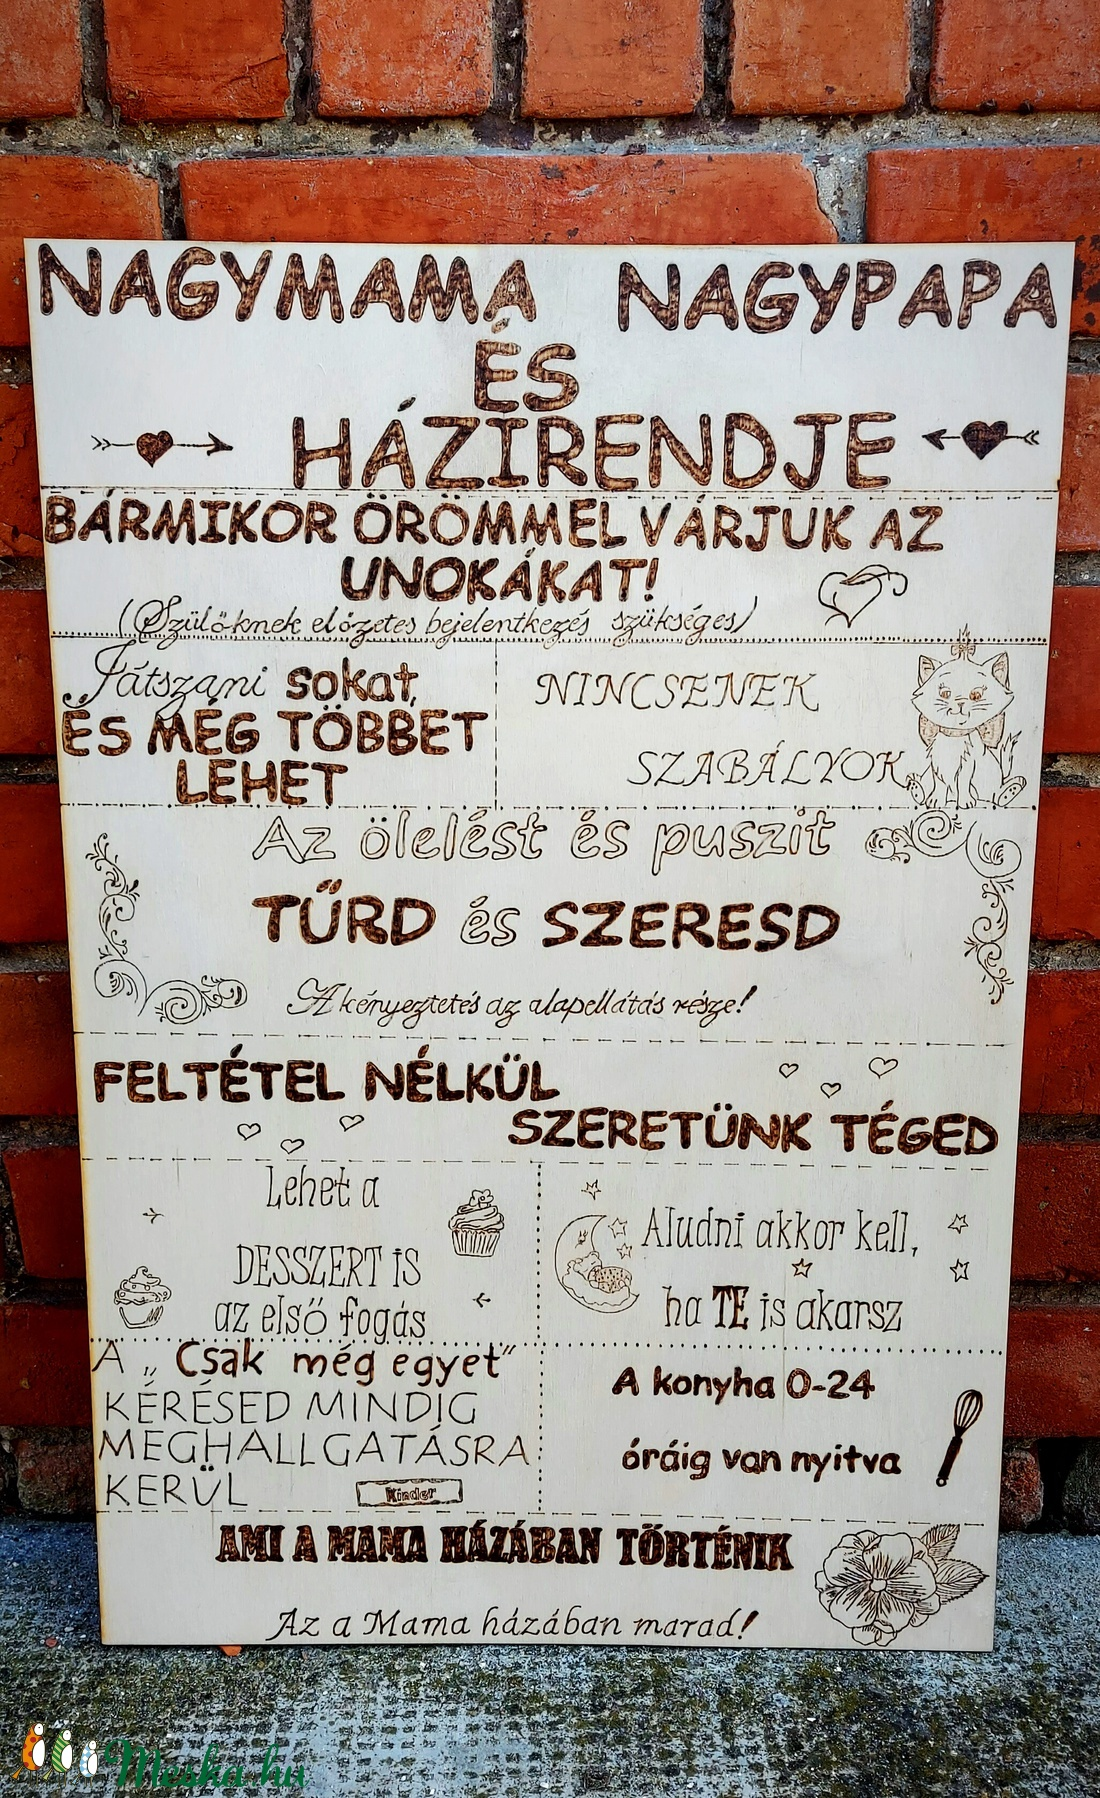 Nagymama és Nagypapa házirendje (dekany91) - Meska.hu